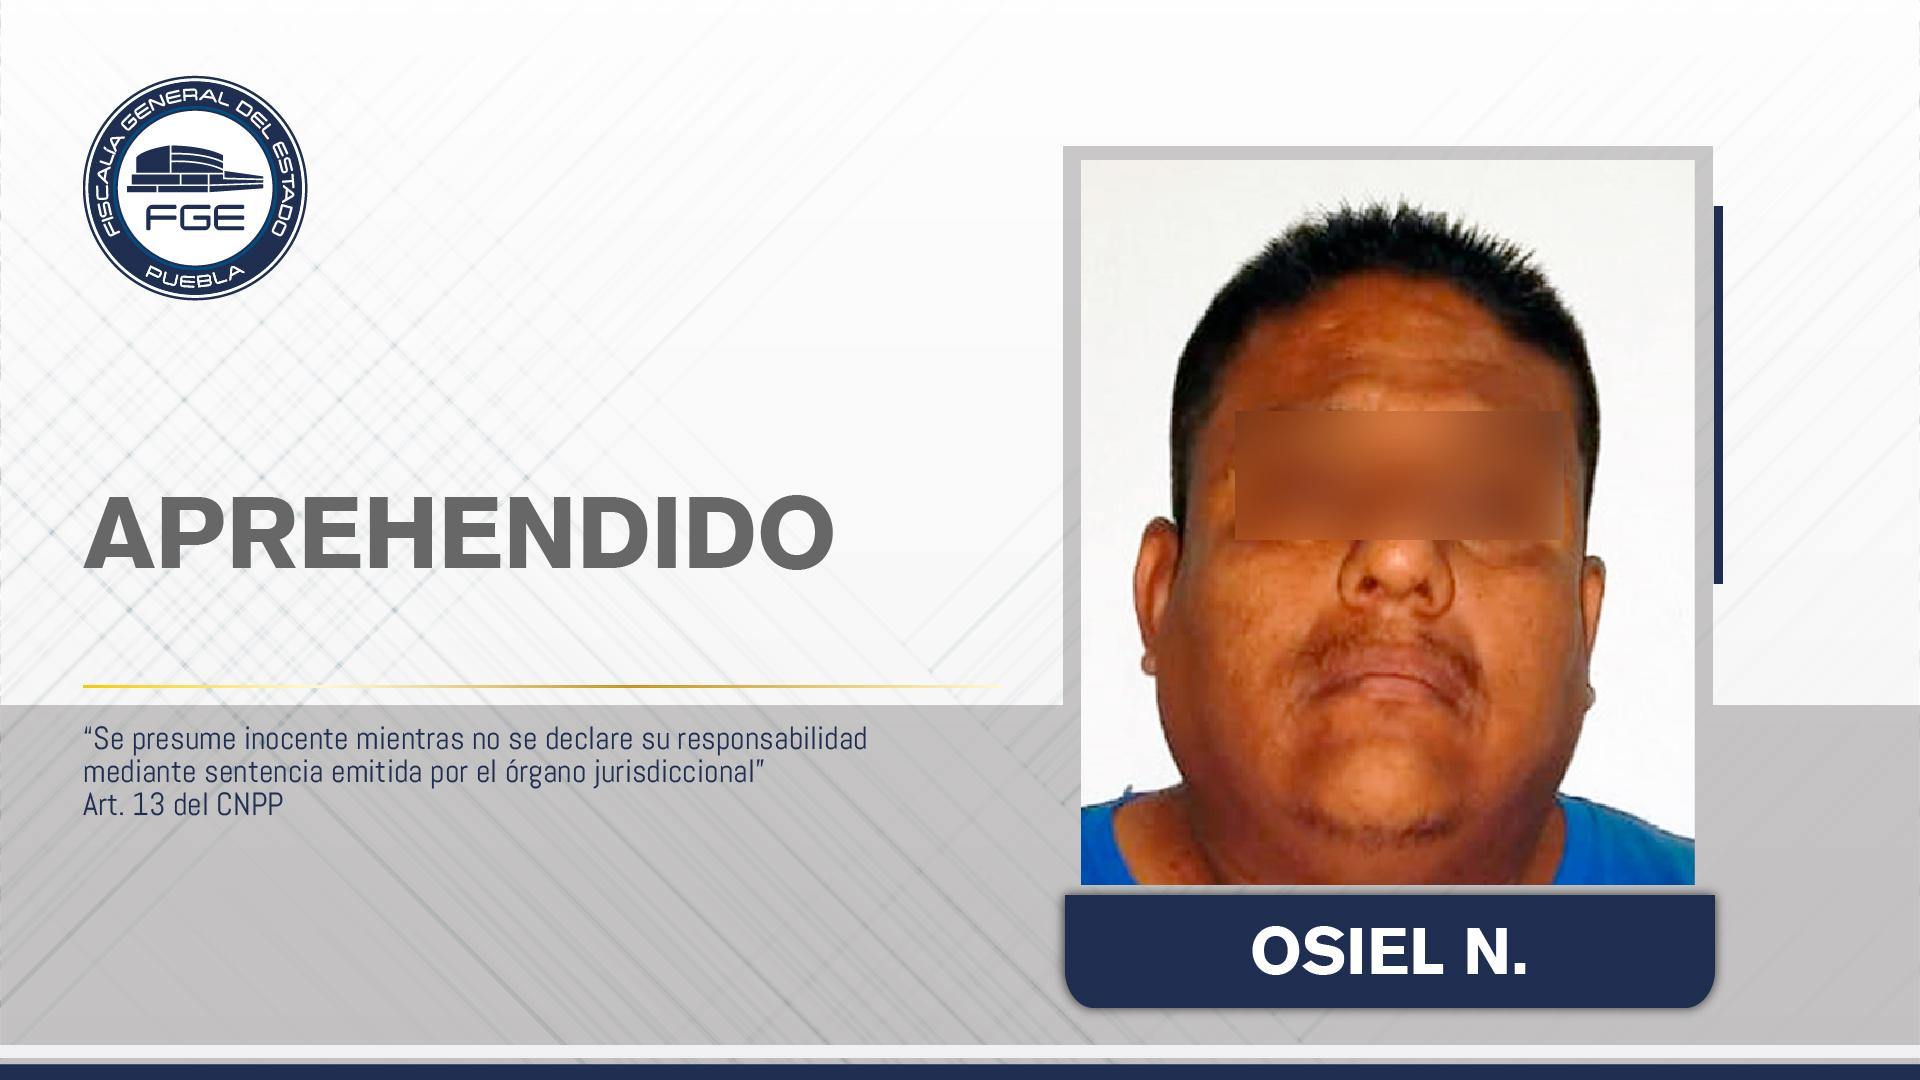 FGE aprehendió a otro implicado en el doble linchamiento en Acatlán